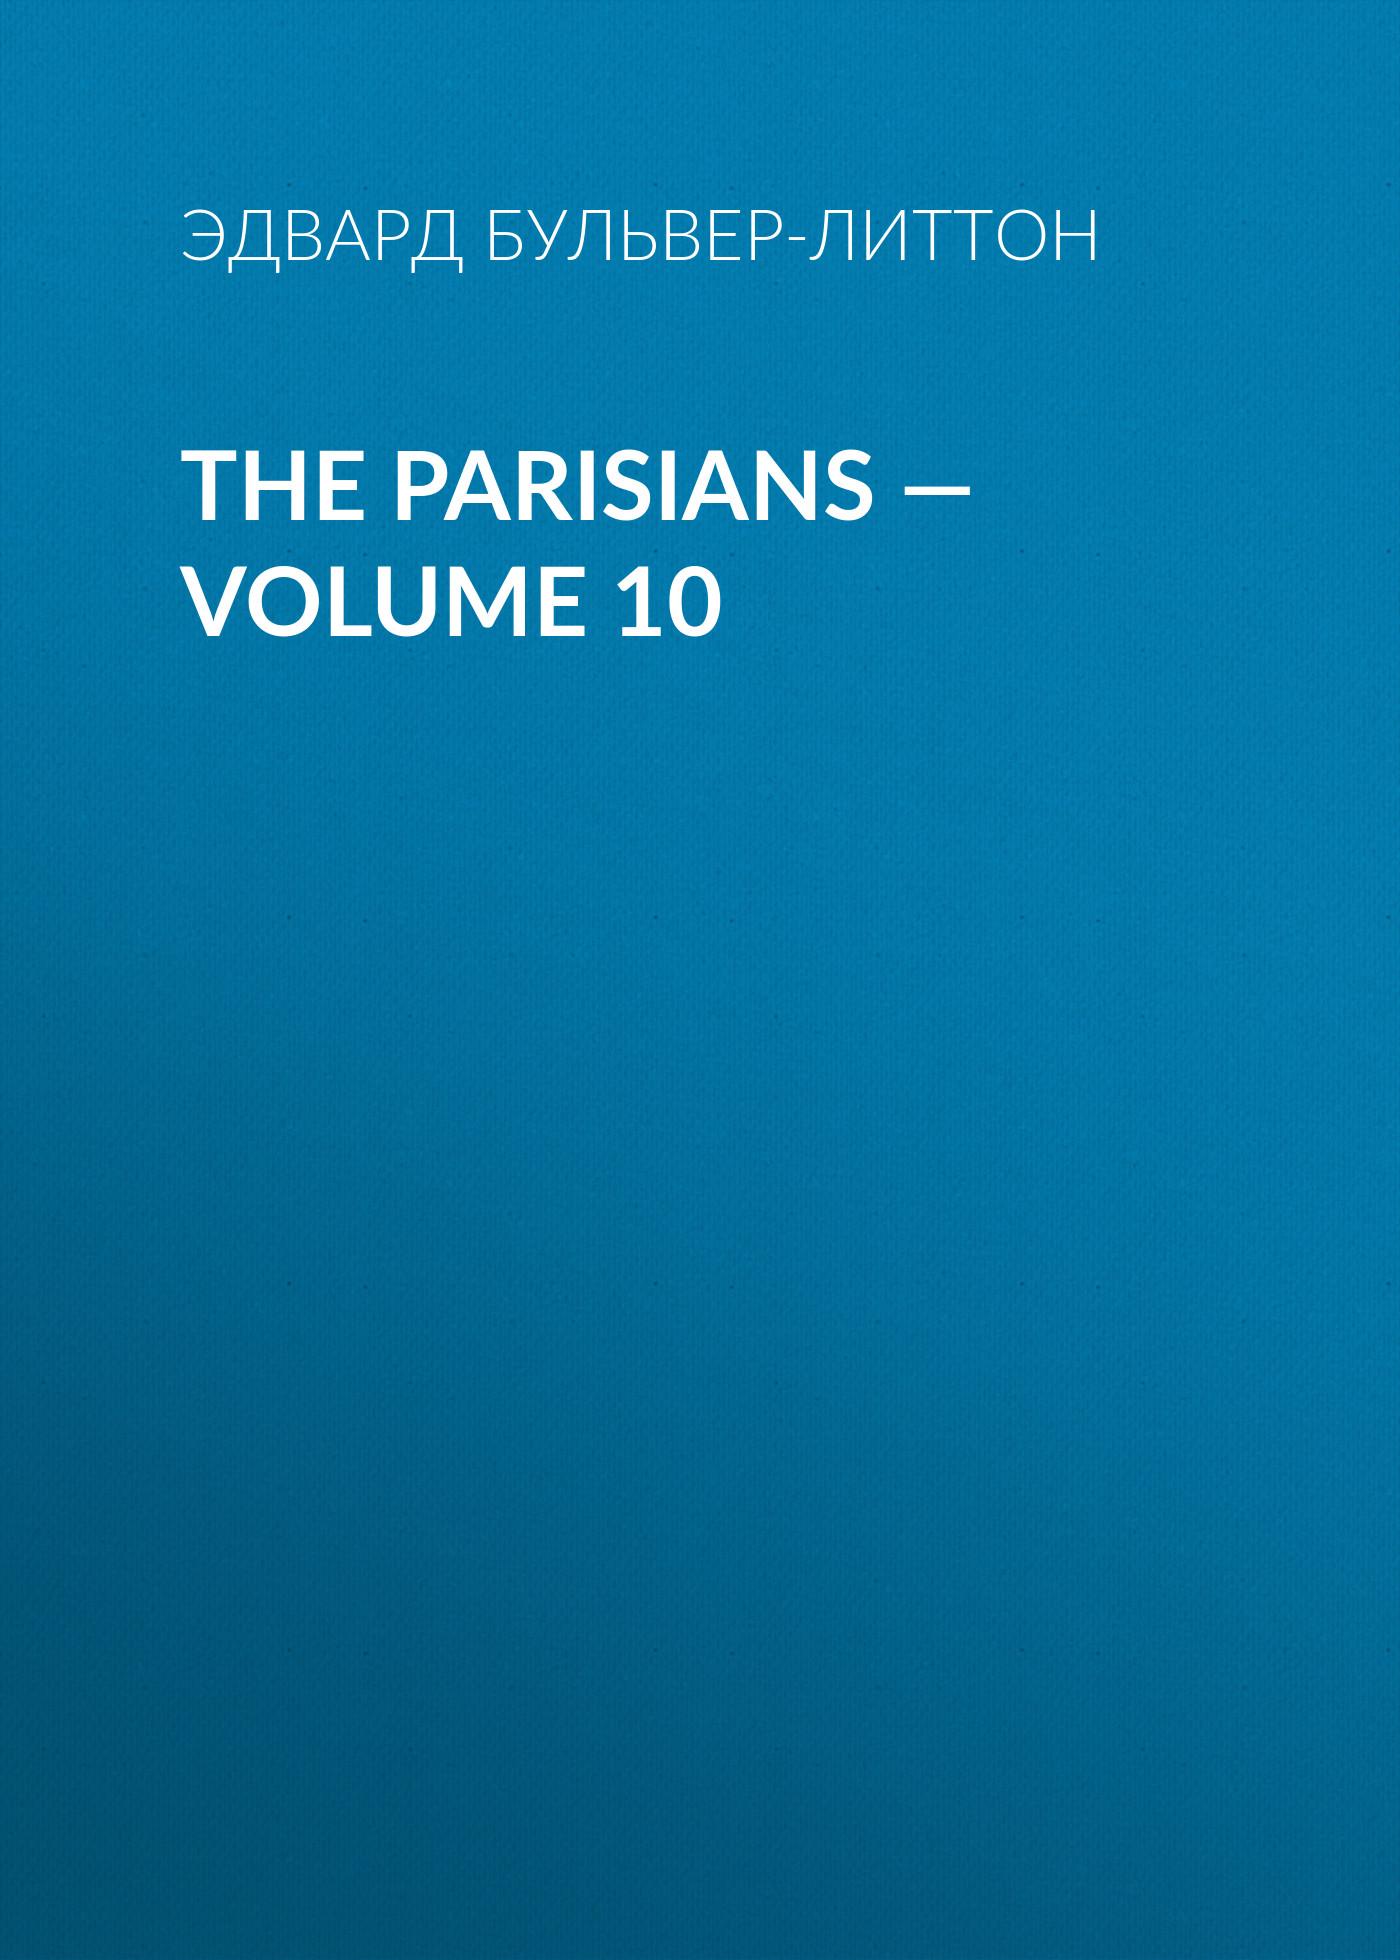 Эдвард Бульвер-Литтон The Parisians — Volume 10 эдвард бульвер литтон the parisians volume 02